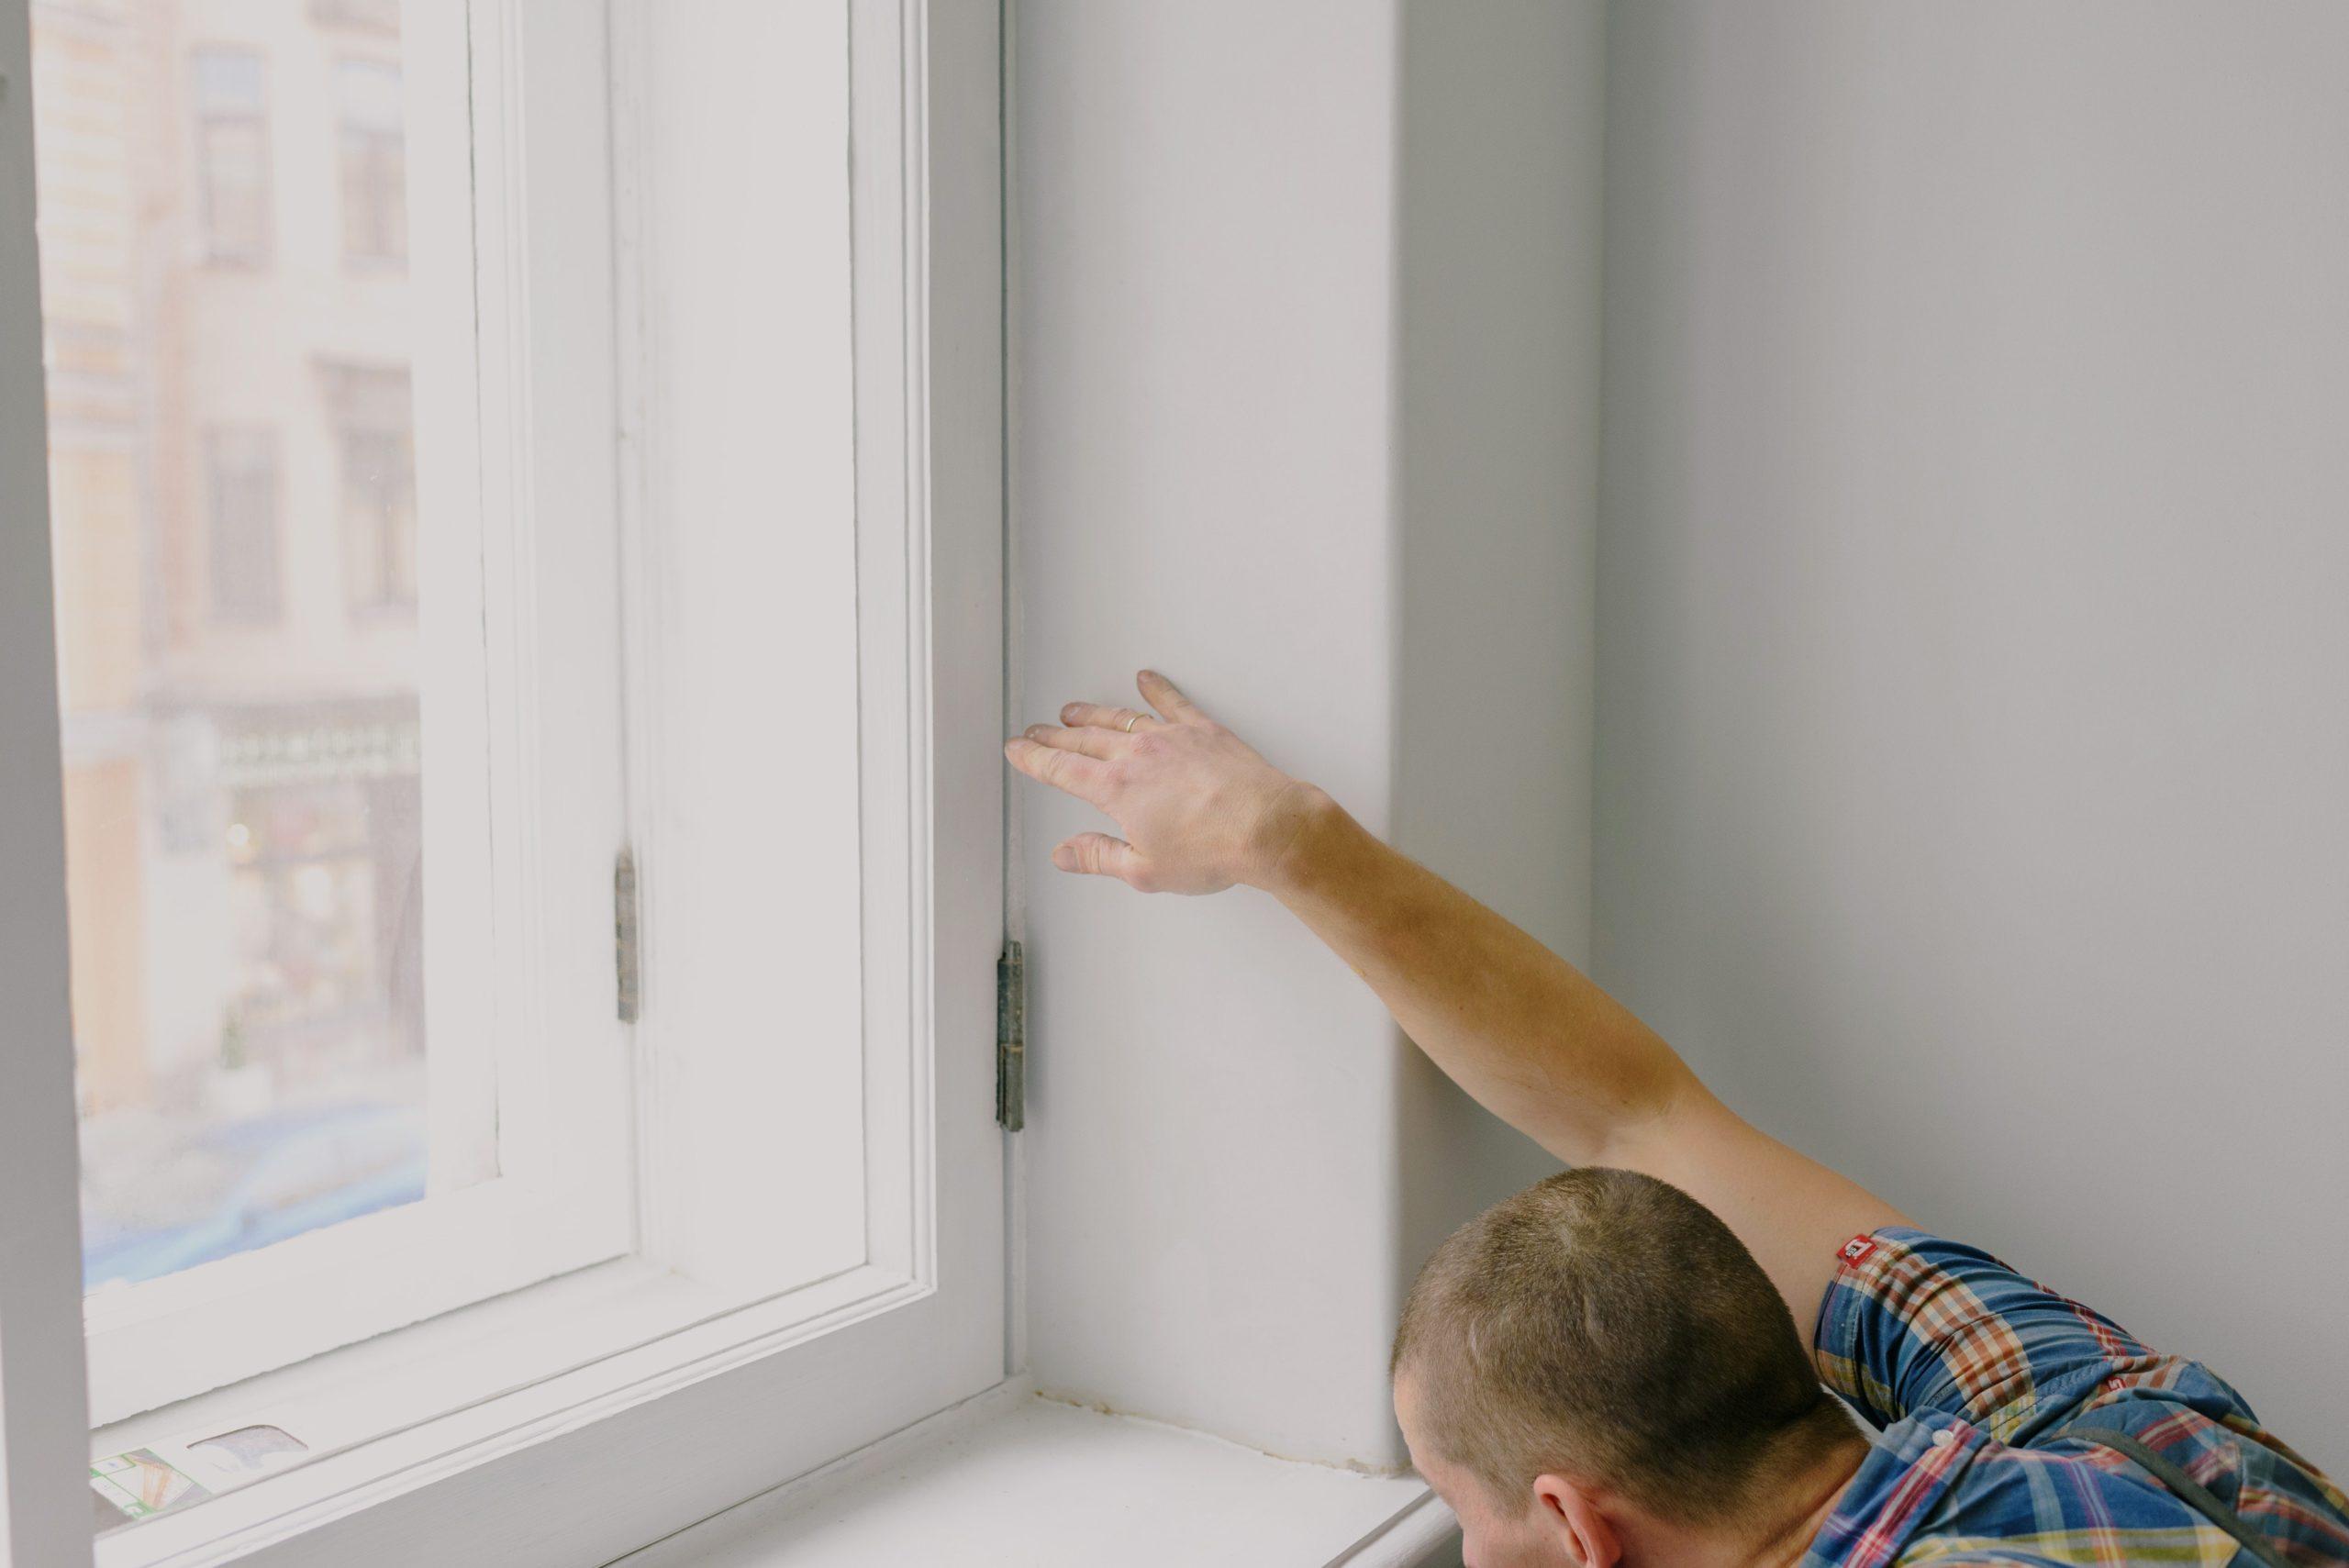 white man wearing checkered shirt, repairing window sill in white room